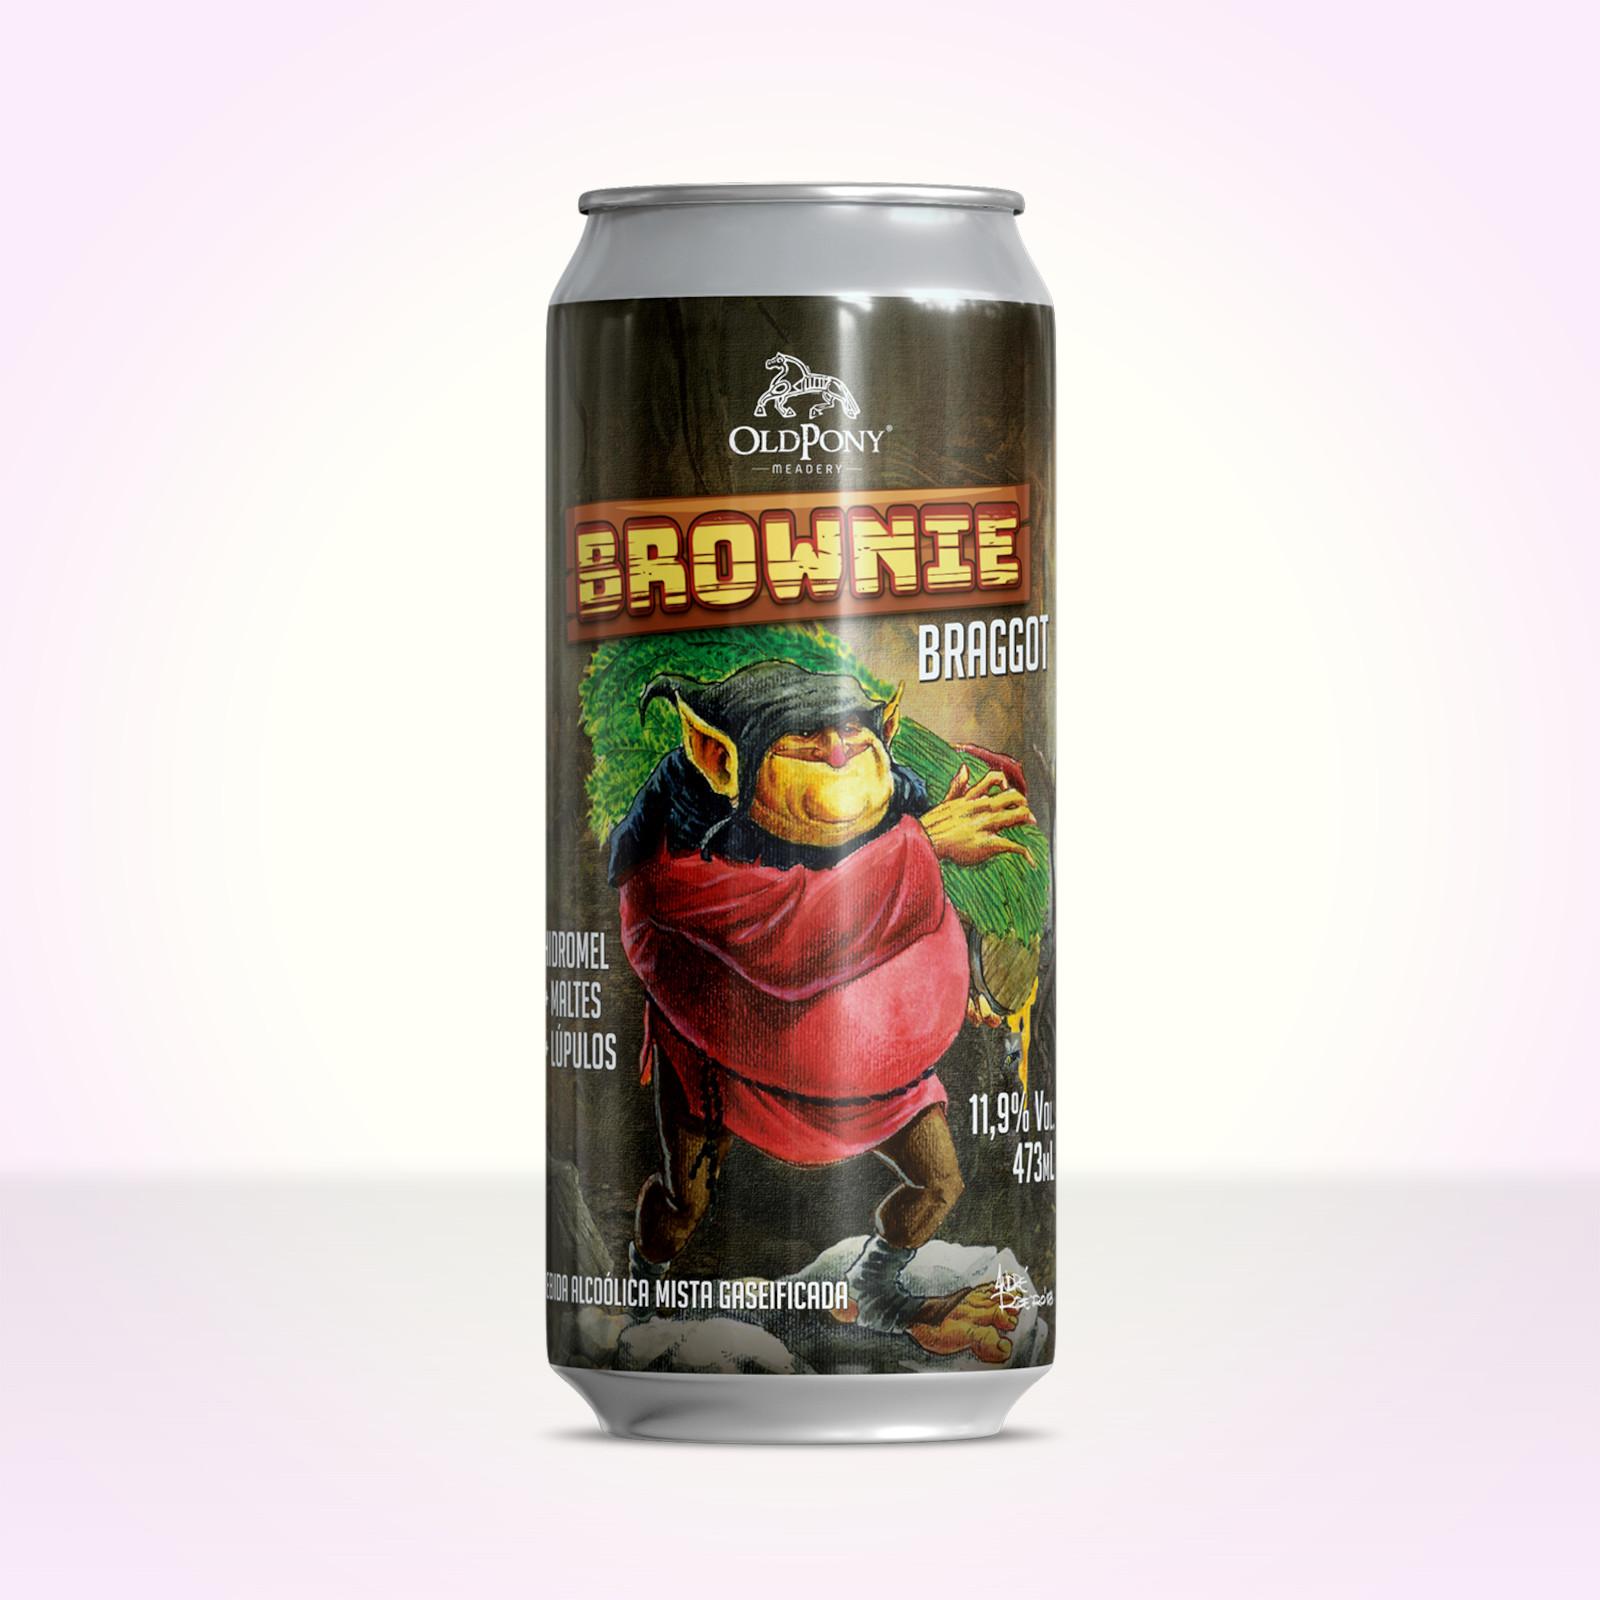 Brownie Braggot baseado em uma Brow Ale